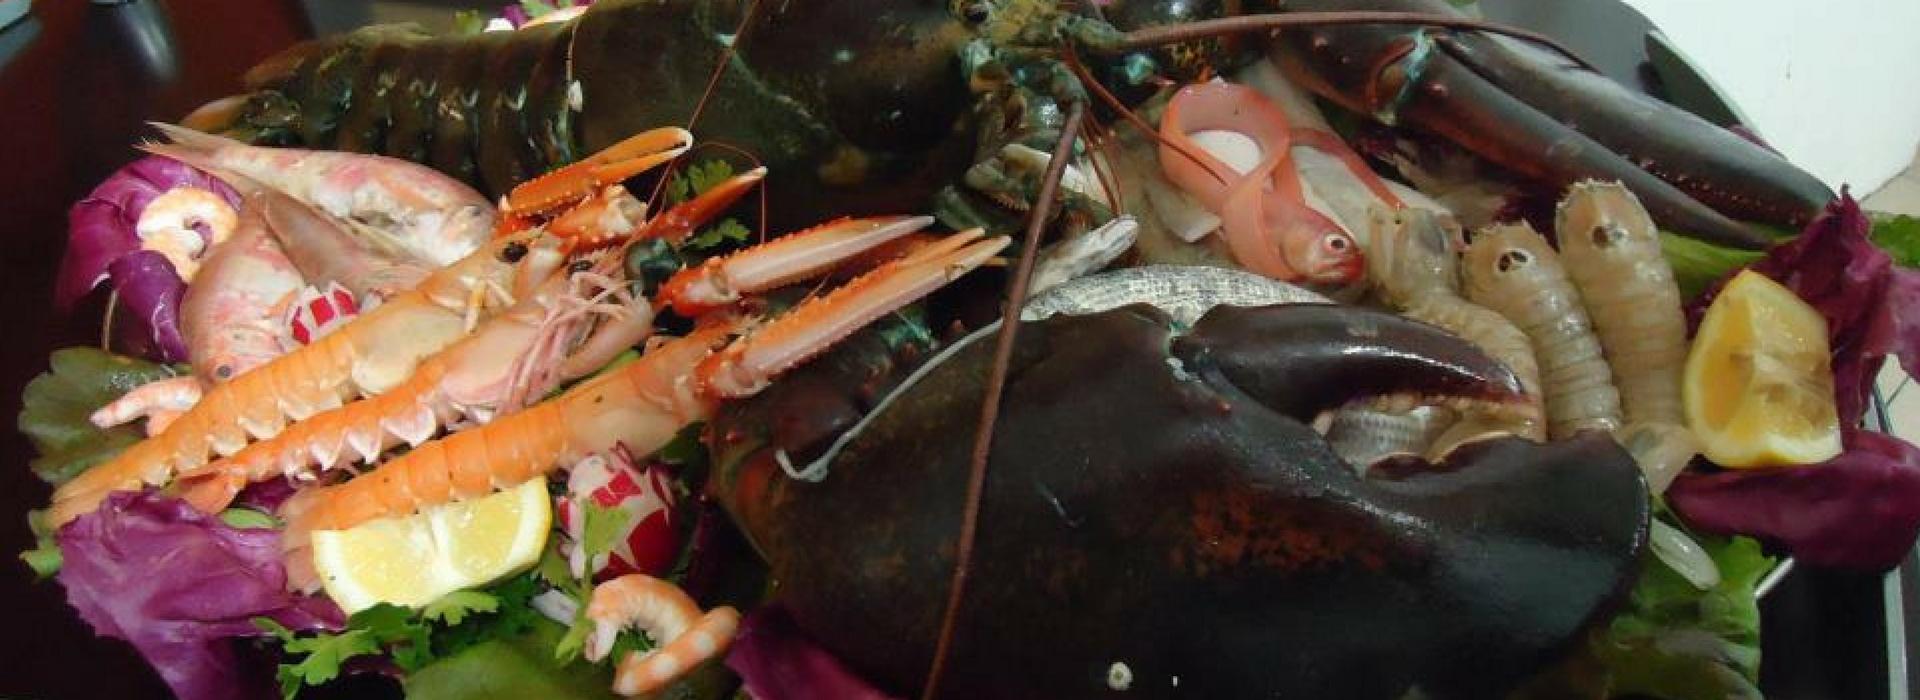 ristorante di pesce arezzo